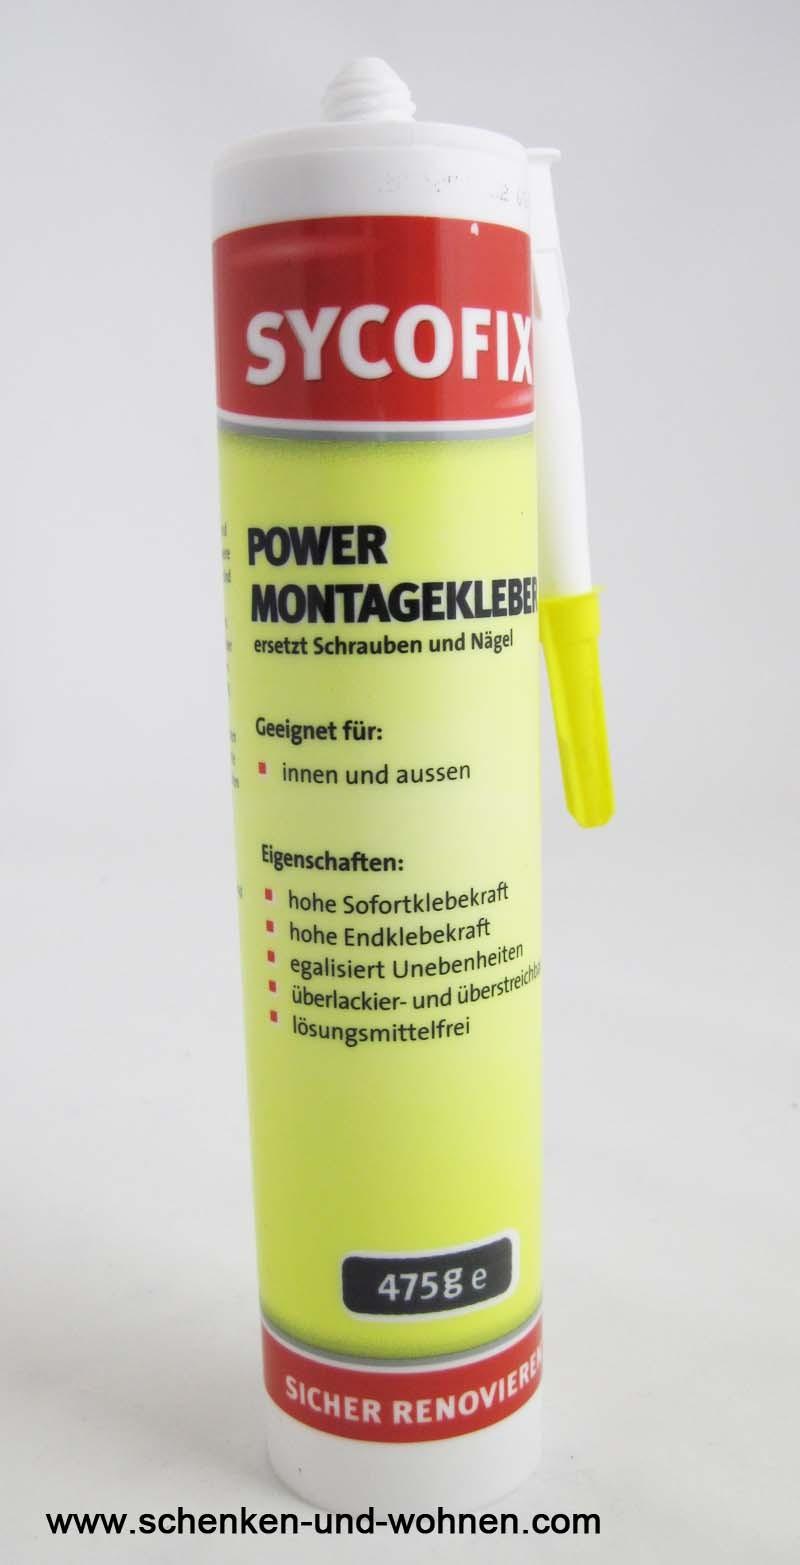 Sycofix - Power Montagekleber 475g